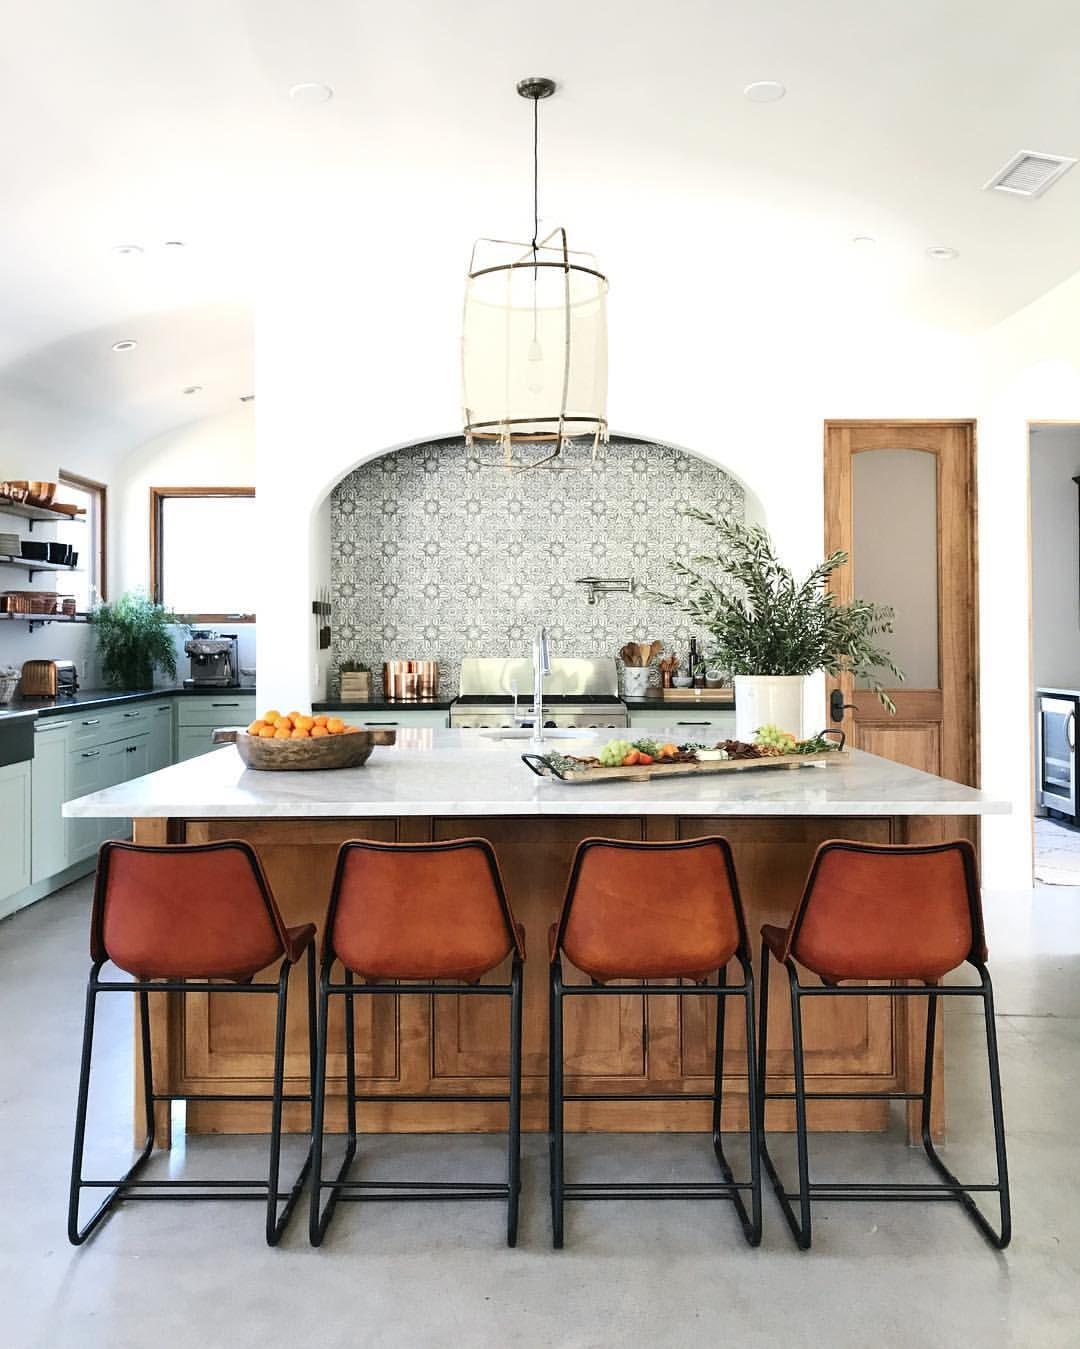 Pin von Rachel Phillips auf HOME | Pinterest | Einrichtung, Küche ...